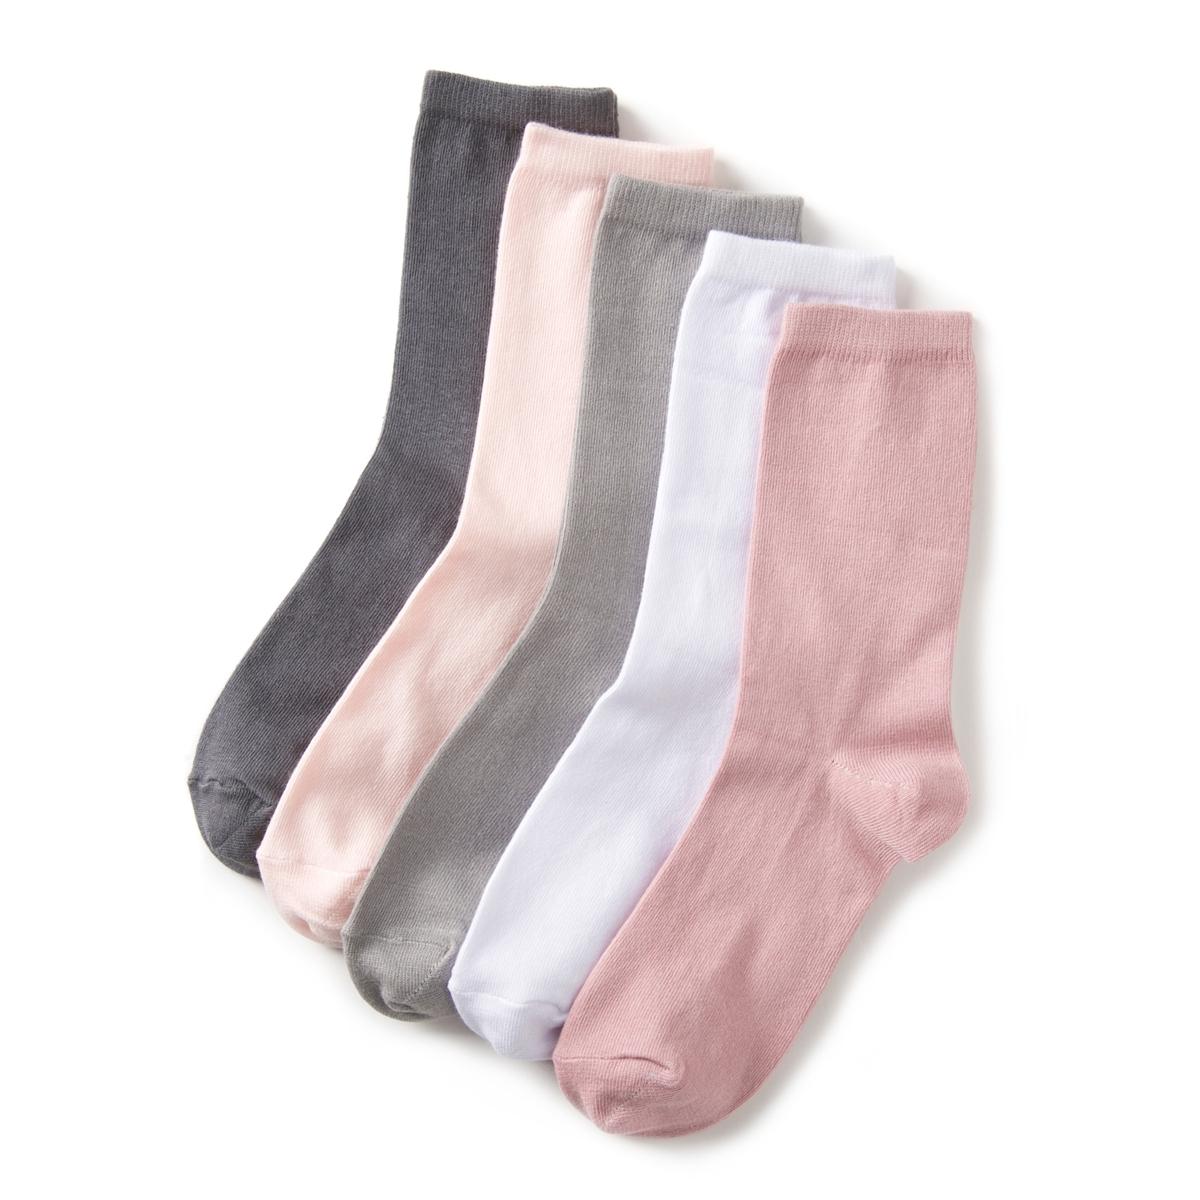 Комплект из 5 пар однотонных  носковКомплект из 5 пар однотонных  носков . Высота до середины голени. Теплые тона или более темные для сочетания с любой одеждой .Детали •  5 пар однотонных носков .Характеристики   •  Hauteur mi-mollet.Состав и уход •  76% хлопка, 23% полиамида, 1% эластана • Машинная стирка при 30°, на умеренном режиме     • Стирать с вещами подобного цвета<br><br>Цвет: розовый/ серый<br>Размер: 35/37